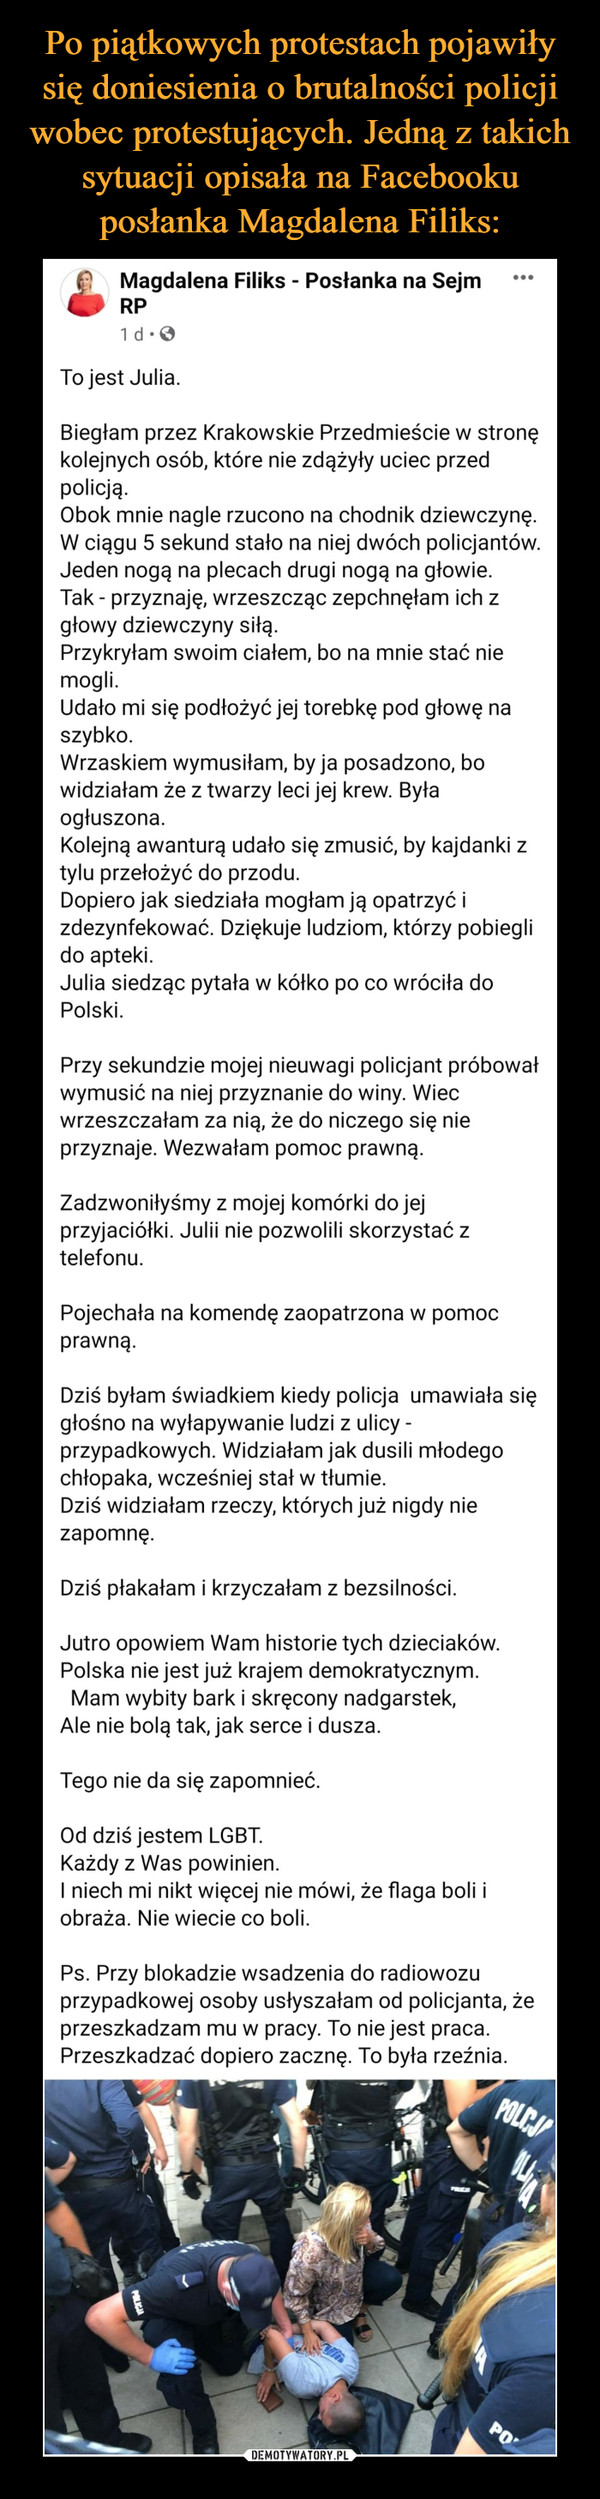 –  To jest Julia. Biegłam przez Krakowskie Przedmieście w stronę kolejnych osób, które nie zdążyły uciec przed policją. Obok mnie nagle rzucono na chodnik dziewczynę. W ciągu 5 sekund stało na niej dwóch policjantów. Jeden nogą na plecach drugi nogą na głowie. Tak - przyznaję, wrzeszcząc zepchnęłam ich z głowy dziewczyny siłą. Przykryłam swoim ciałem, bo na mnie stać nie mogli. Udało mi się podłożyć jej torebkę pod głowę na szybko. Wrzaskiem wymusiłam, by ja posadzono, bo widziałam że z twarzy leci jej krew. Była ogłuszona. Kolejną awanturą udało się zmusić, by kajdanki z tylu przełożyć do przodu. Dopiero jak siedziała mogłam ją opatrzyć i zdezynfekować. Dziękuje ludziom, którzy pobiegli do apteki. Julia siedząc pytała w kółko po co wróciła do Polski. Przy sekundzie mojej nieuwagi policjant próbował wymusić na niej przyznanie do winy. Wiec wrzeszczałam za nią, że do niczego się nie przyznaje. Wezwałam pomoc prawną. Zadzwoniłyśmy z mojej komórki do jej przyjaciółki. Julii nie pozwolili skorzystać z telefonu. Pojechała na komendę zaopatrzona w pomoc prawną. Dziś byłam świadkiem kiedy policja  umawiała się głośno na wyłapywanie ludzi z ulicy - przypadkowych. Widziałam jak dusili młodego chłopaka, wcześniej stał w tłumie. Dziś widziałam rzeczy, których już nigdy nie zapomnę. Dziś płakałam i krzyczałam z bezsilności. Jutro opowiem Wam historie tych dzieciaków. Polska nie jest już krajem demokratycznym.   Mam wybity bark i skręcony nadgarstek, Ale nie bolą tak, jak serce i dusza. Tego nie da się zapomnieć. Od dziś jestem LGBT. Każdy z Was powinien. I niech mi nikt więcej nie mówi, że flaga boli i obraża. Nie wiecie co boli.Ps. Przy blokadzie wsadzenia do radiowozu przypadkowej osoby usłyszałam od policjanta, że przeszkadzam mu w pracy. To nie jest praca. Przeszkadzać dopiero zacznę. To była rzeźnia.